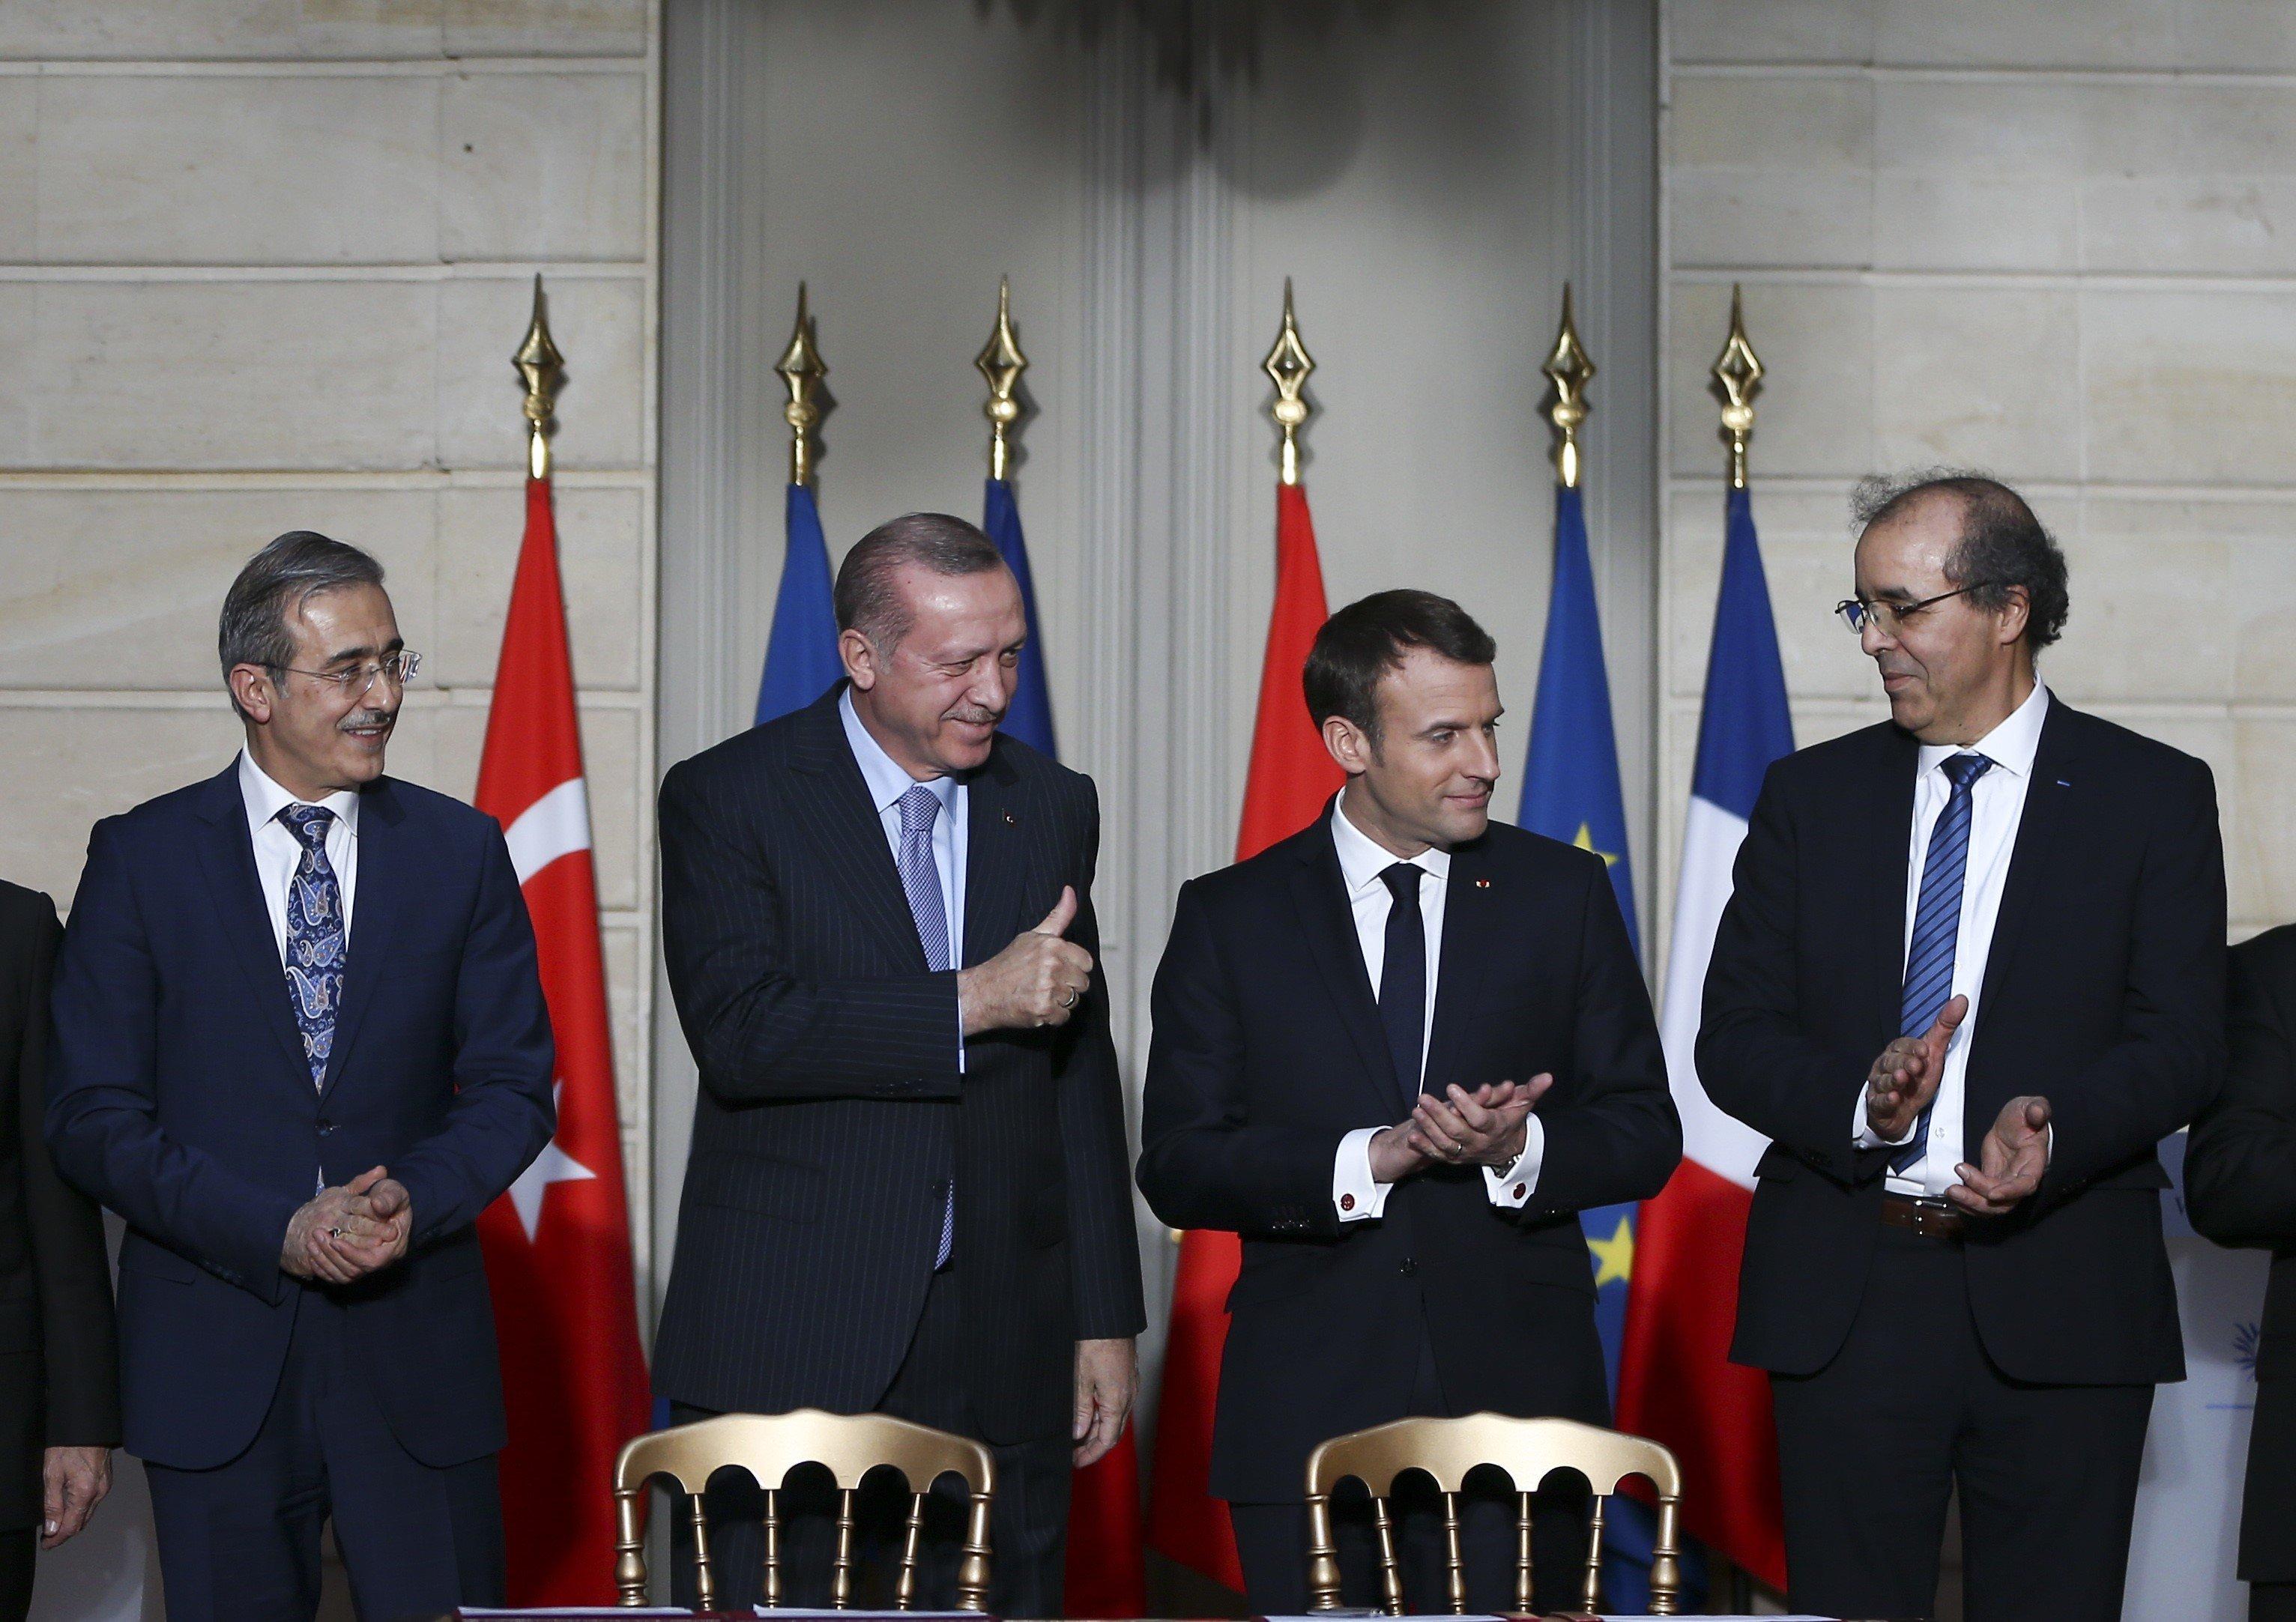 Macron trifft Erdogan: Beim Thema EU-Beitritt wird es eisig